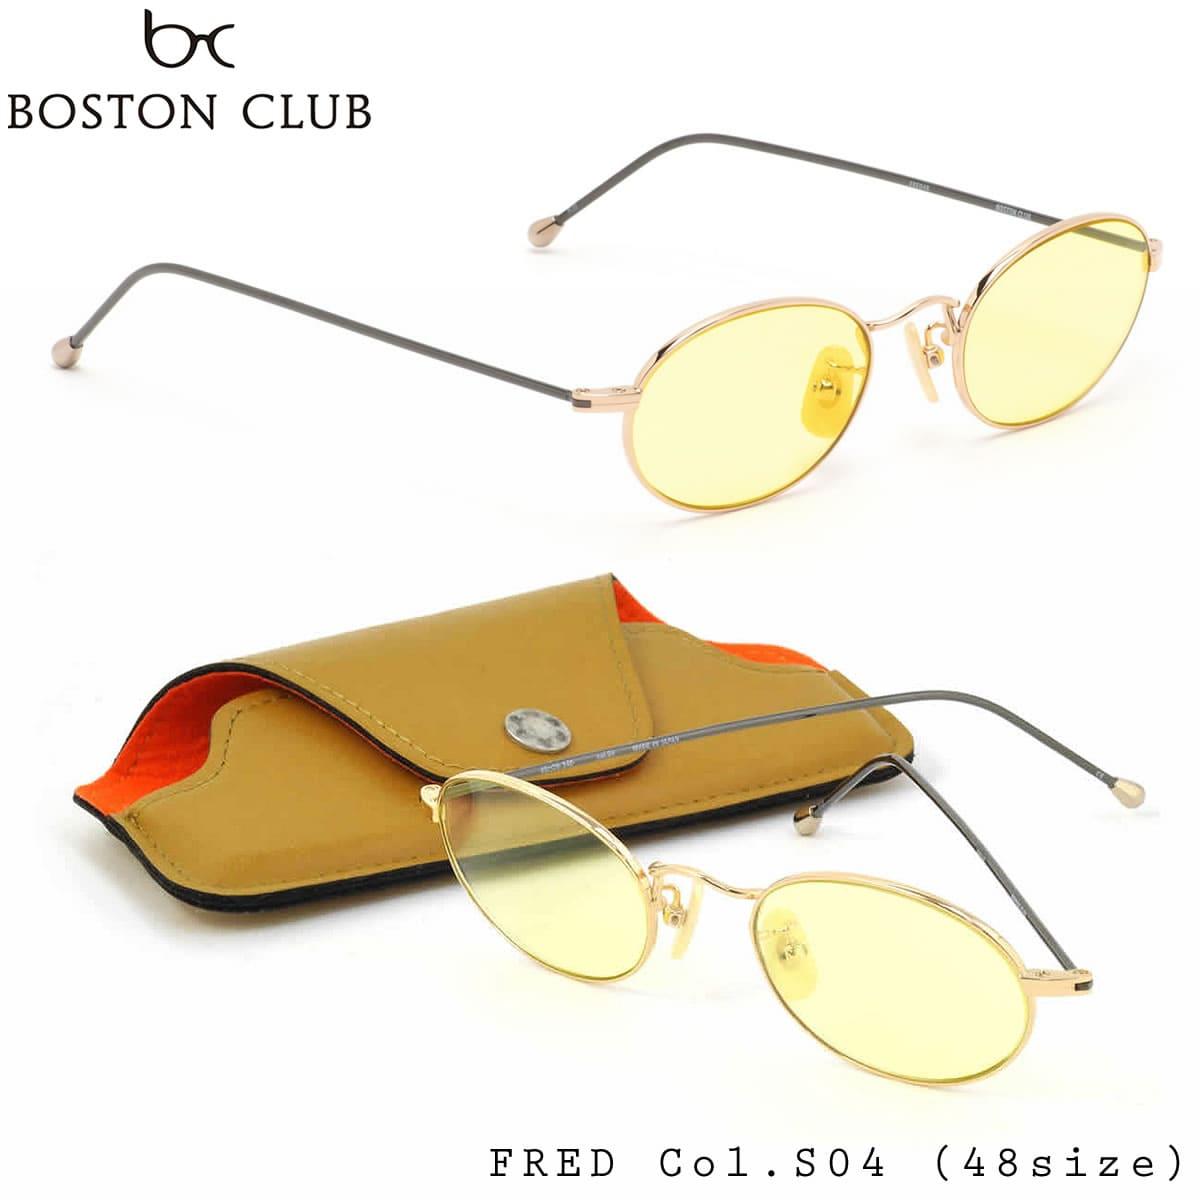 【ボストンクラブ】 (BOSTON CLUB) サングラスFRED48 S04 48サイズFRED フレッド ラウンドBOSTONCLUB メンズ レディース